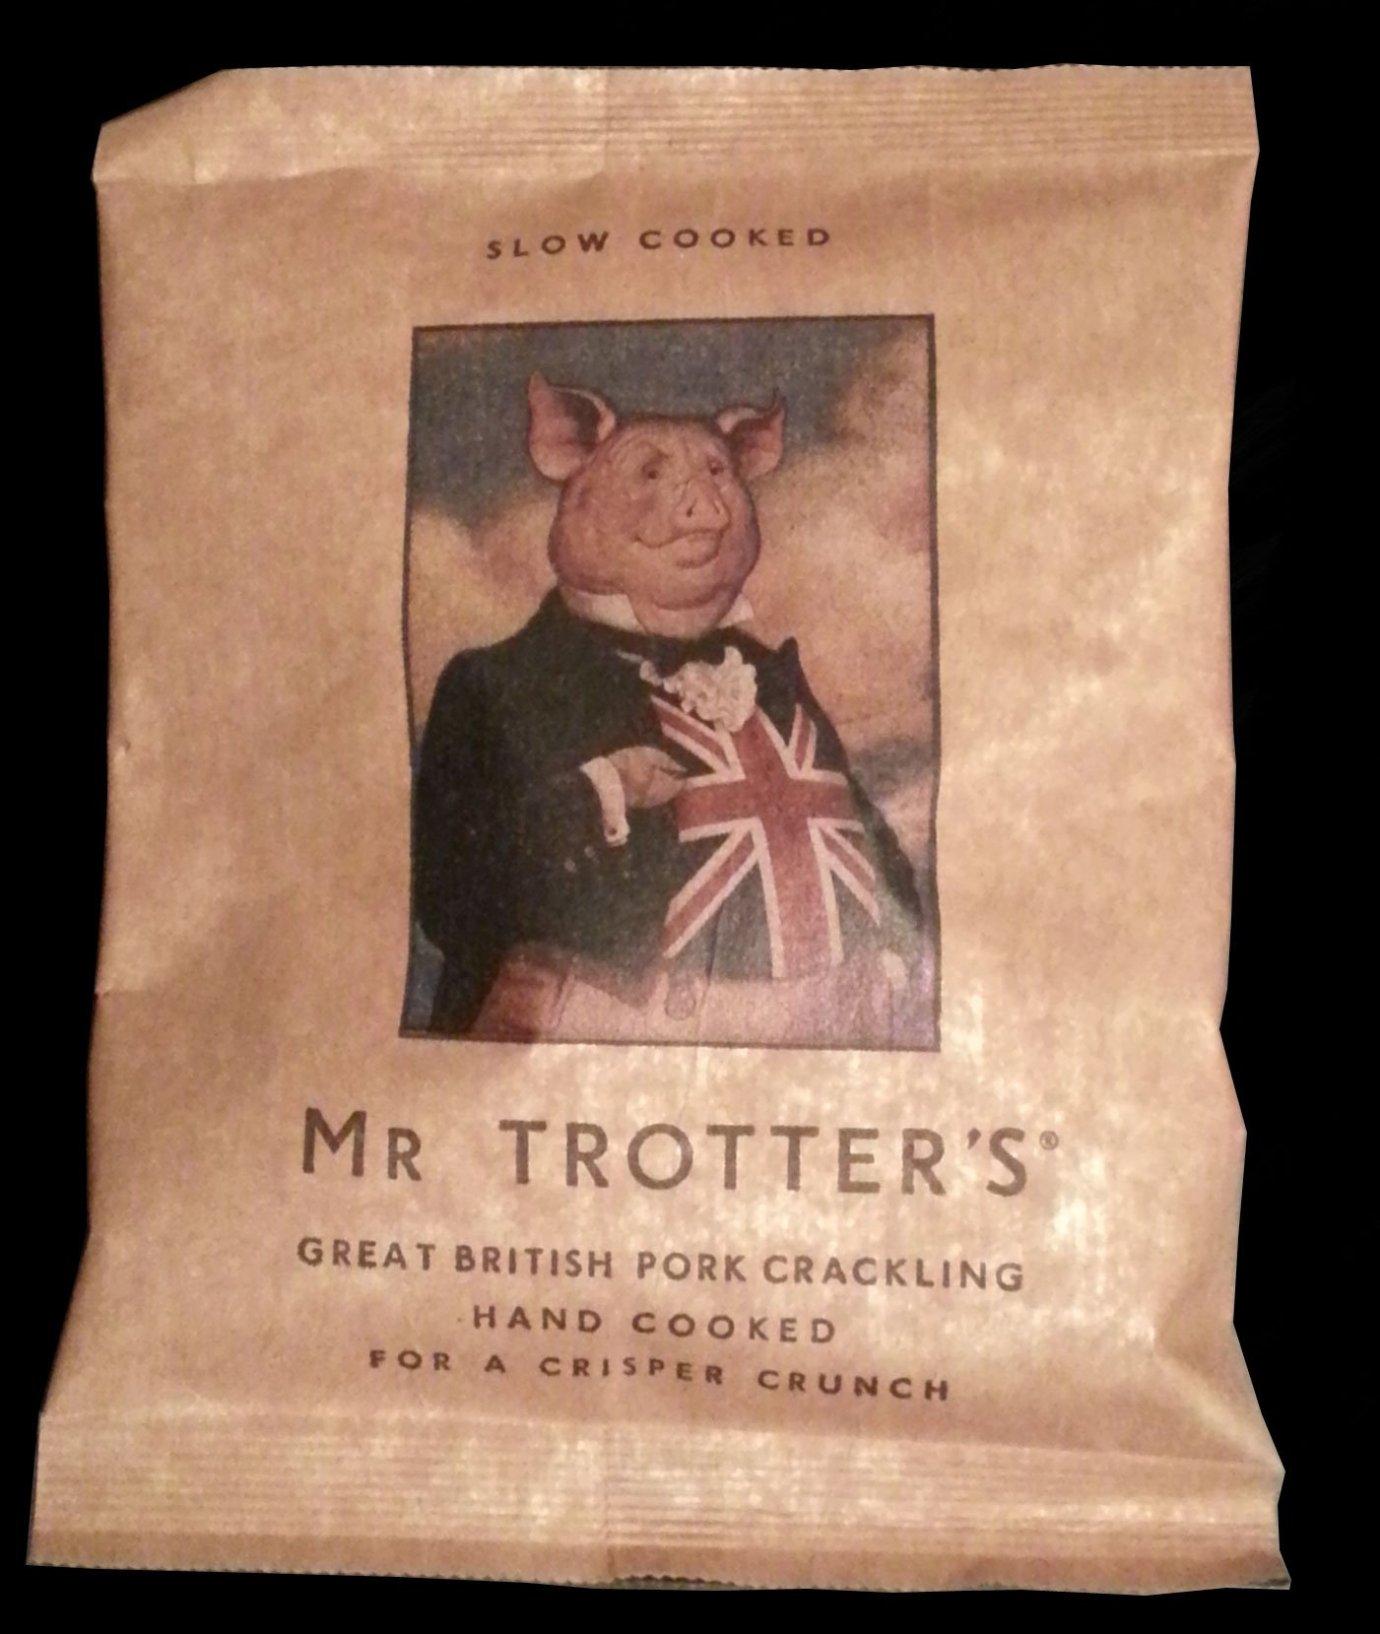 Mr Trotters Great British Pork Crackling Review - Mr Trotters, Great British Pork Crackling Review